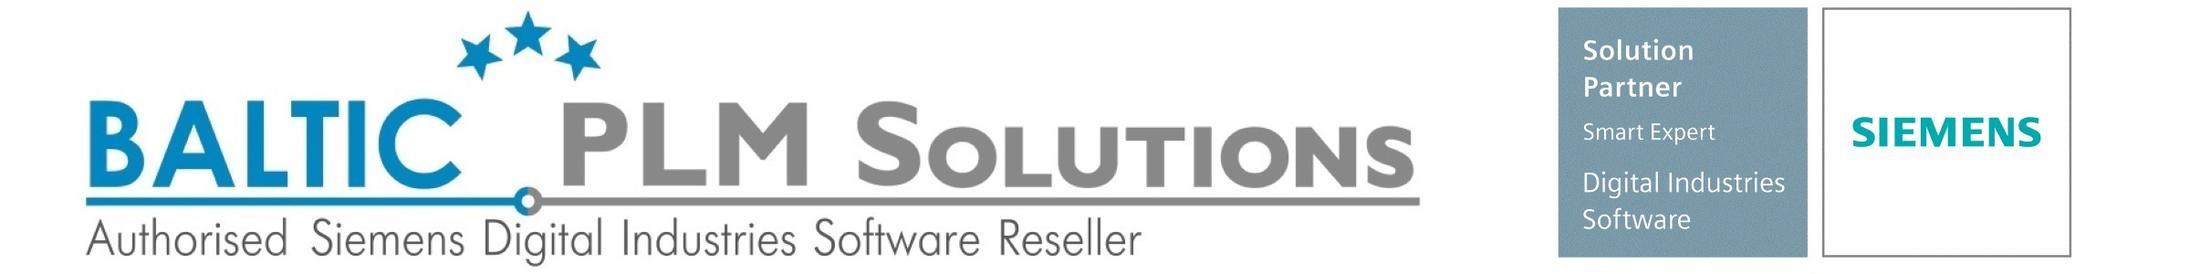 BPS-SDISW-SmartExpert-Websitesite-Slider-Logo-2020-v4